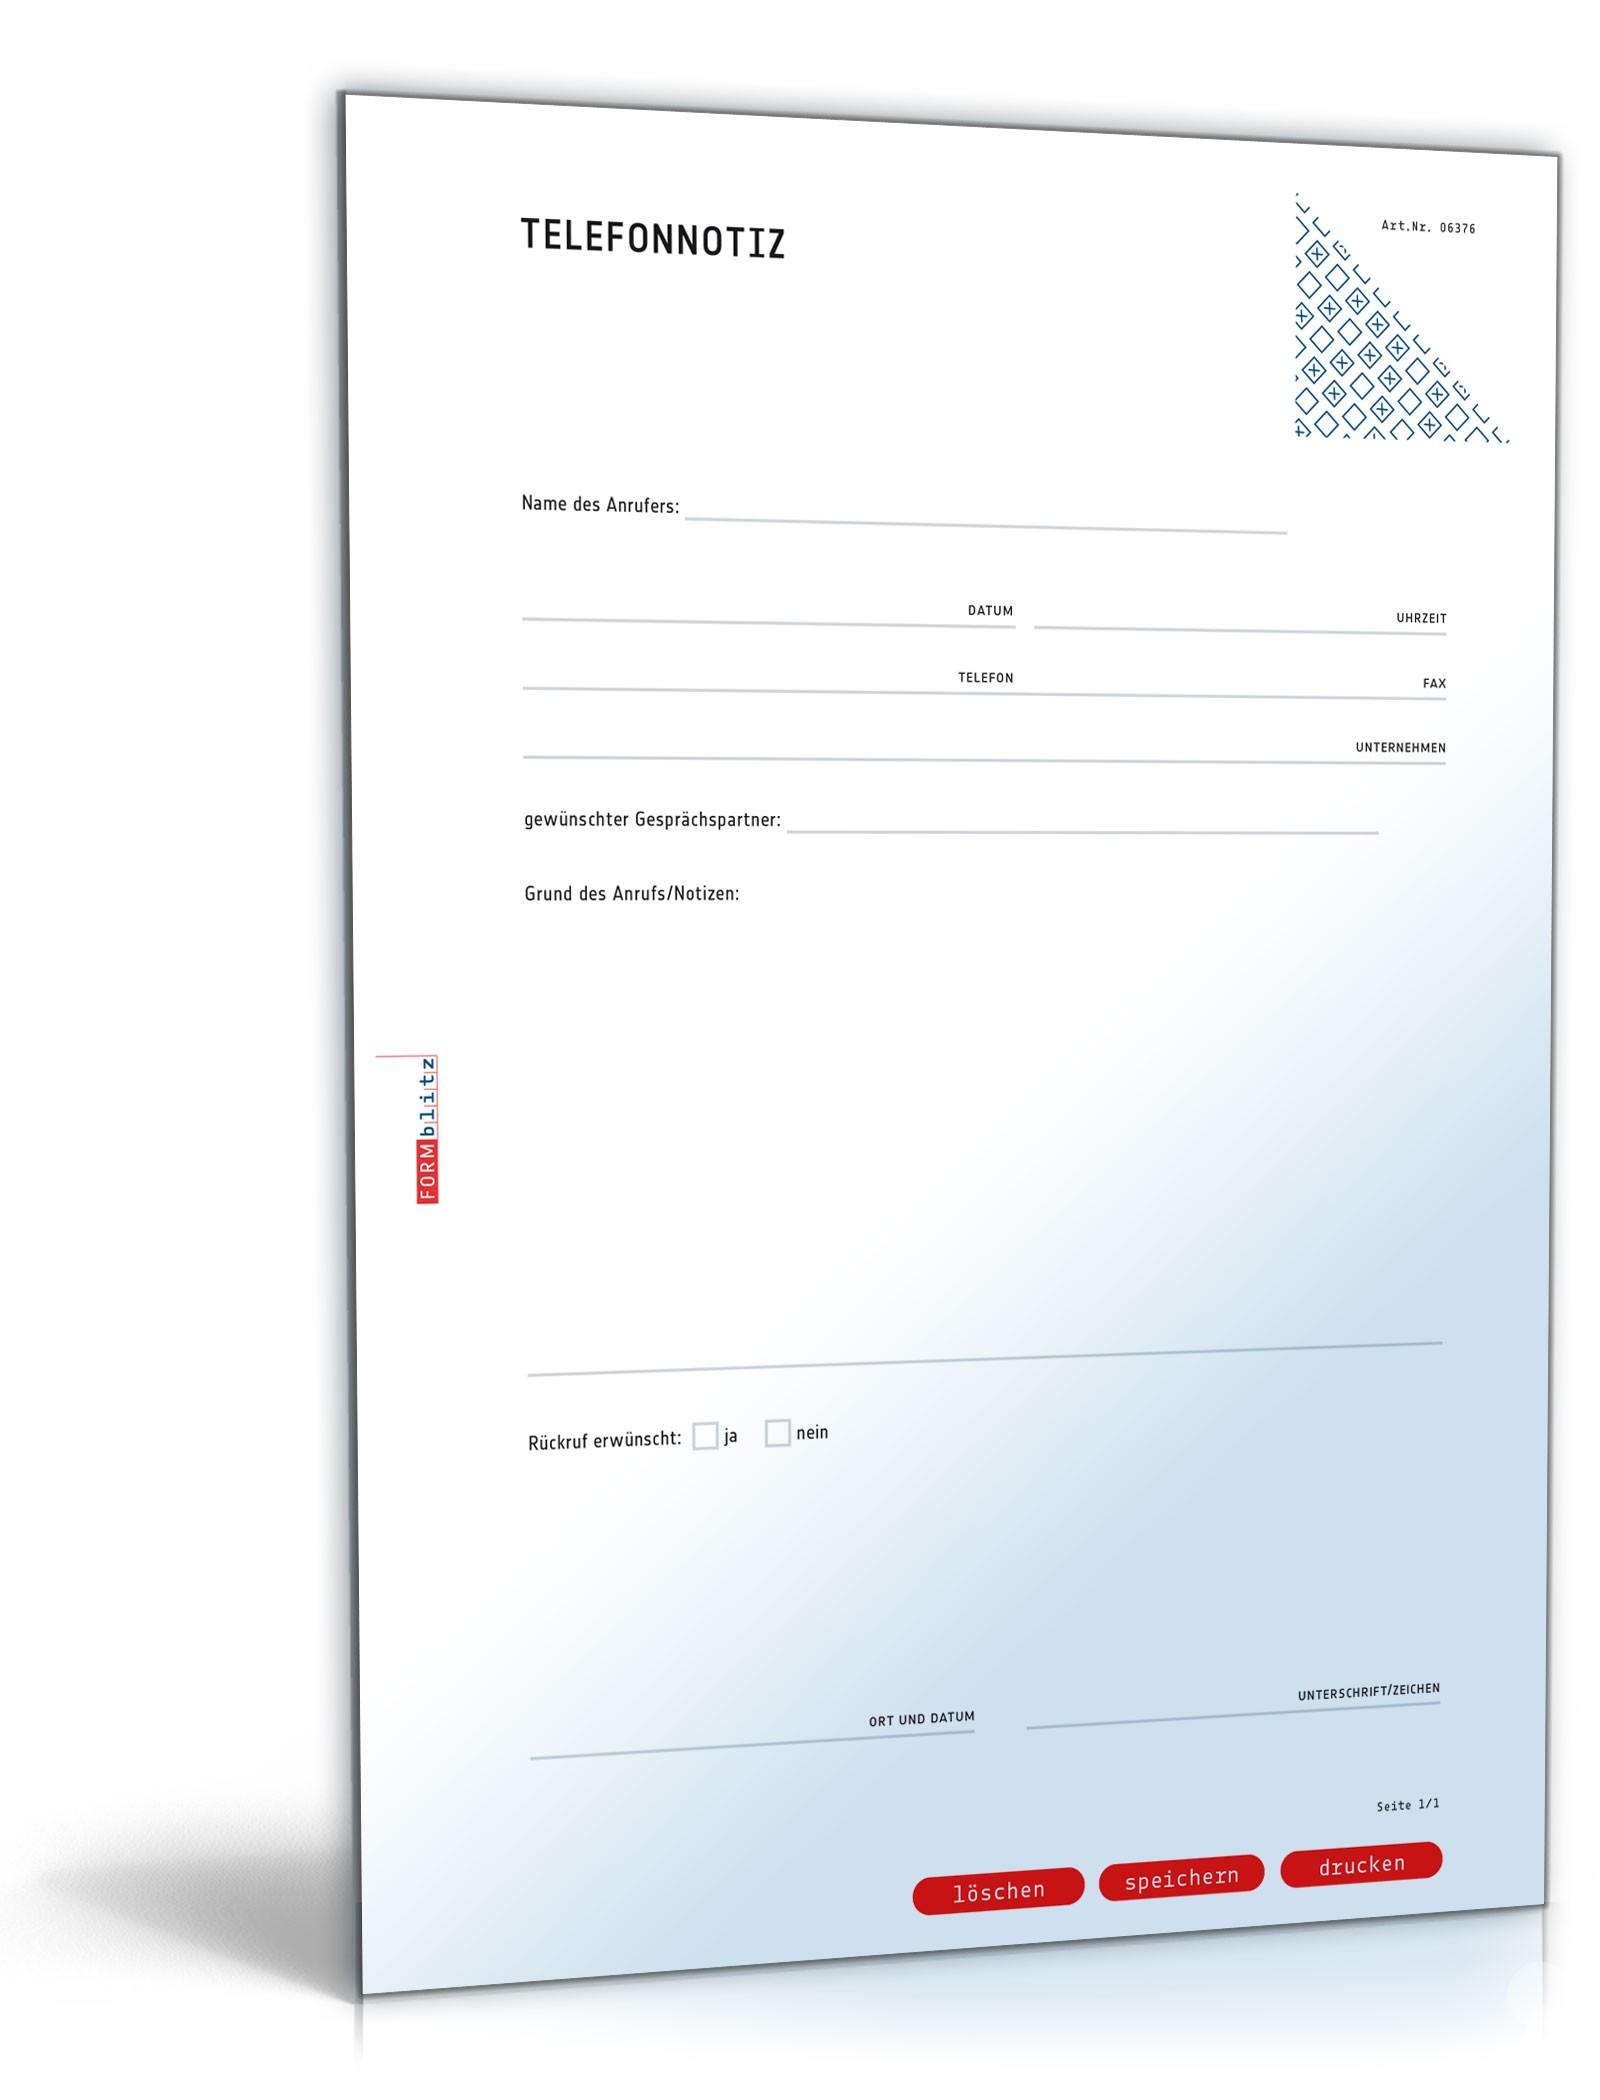 Gesprächsnotiz für ein Telefonat (Telefonnotiz) Dokument zum Download